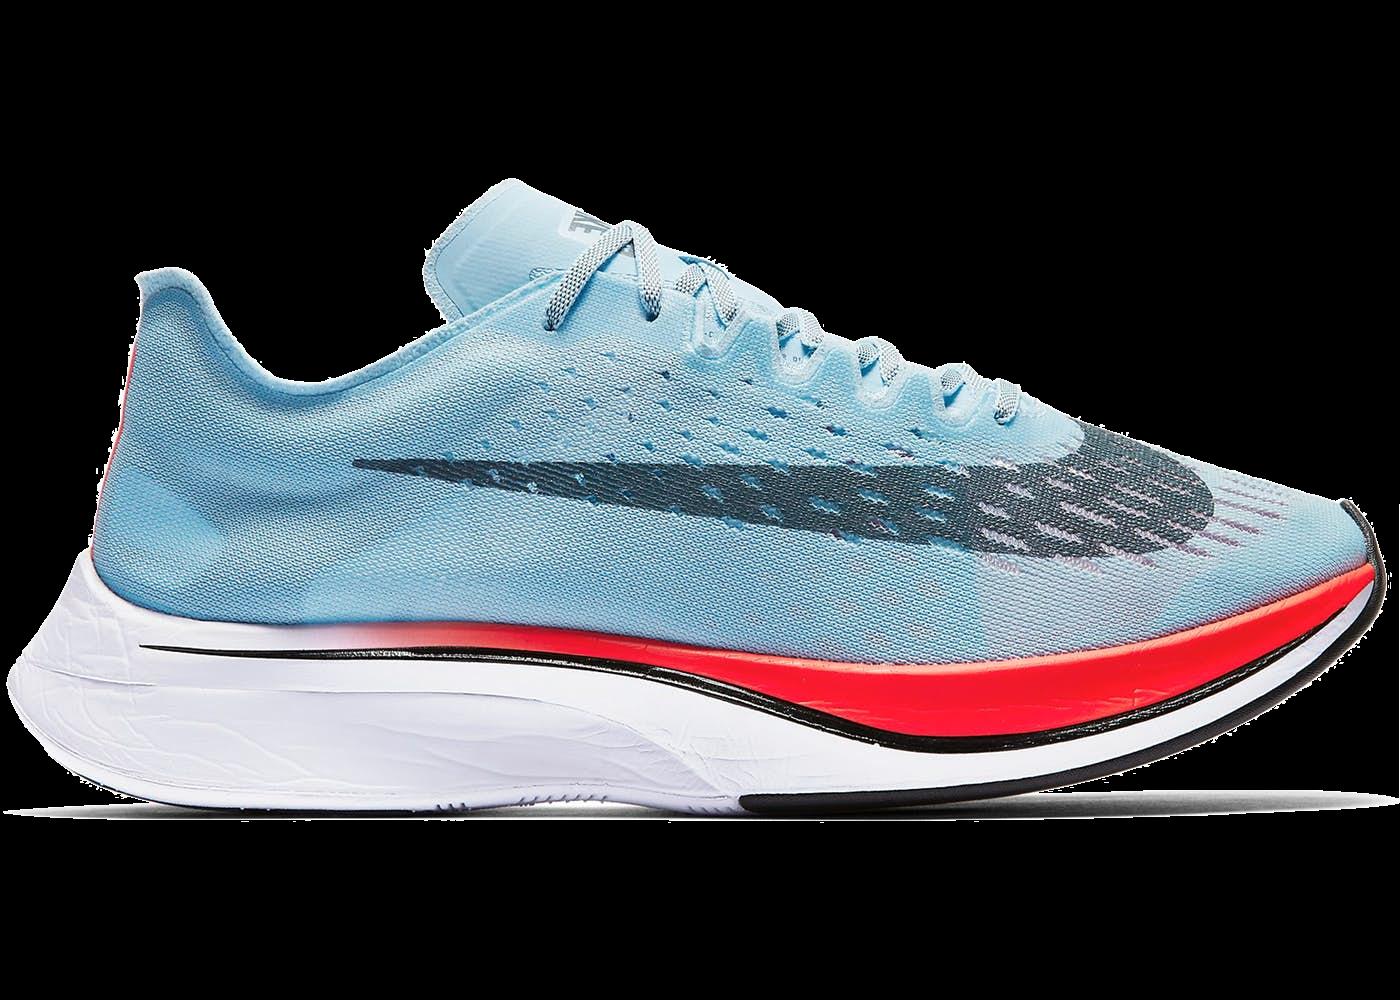 new arrival 88d64 0f84d Les vite Nike plus chaussures font courir vous elles rrOCwq4